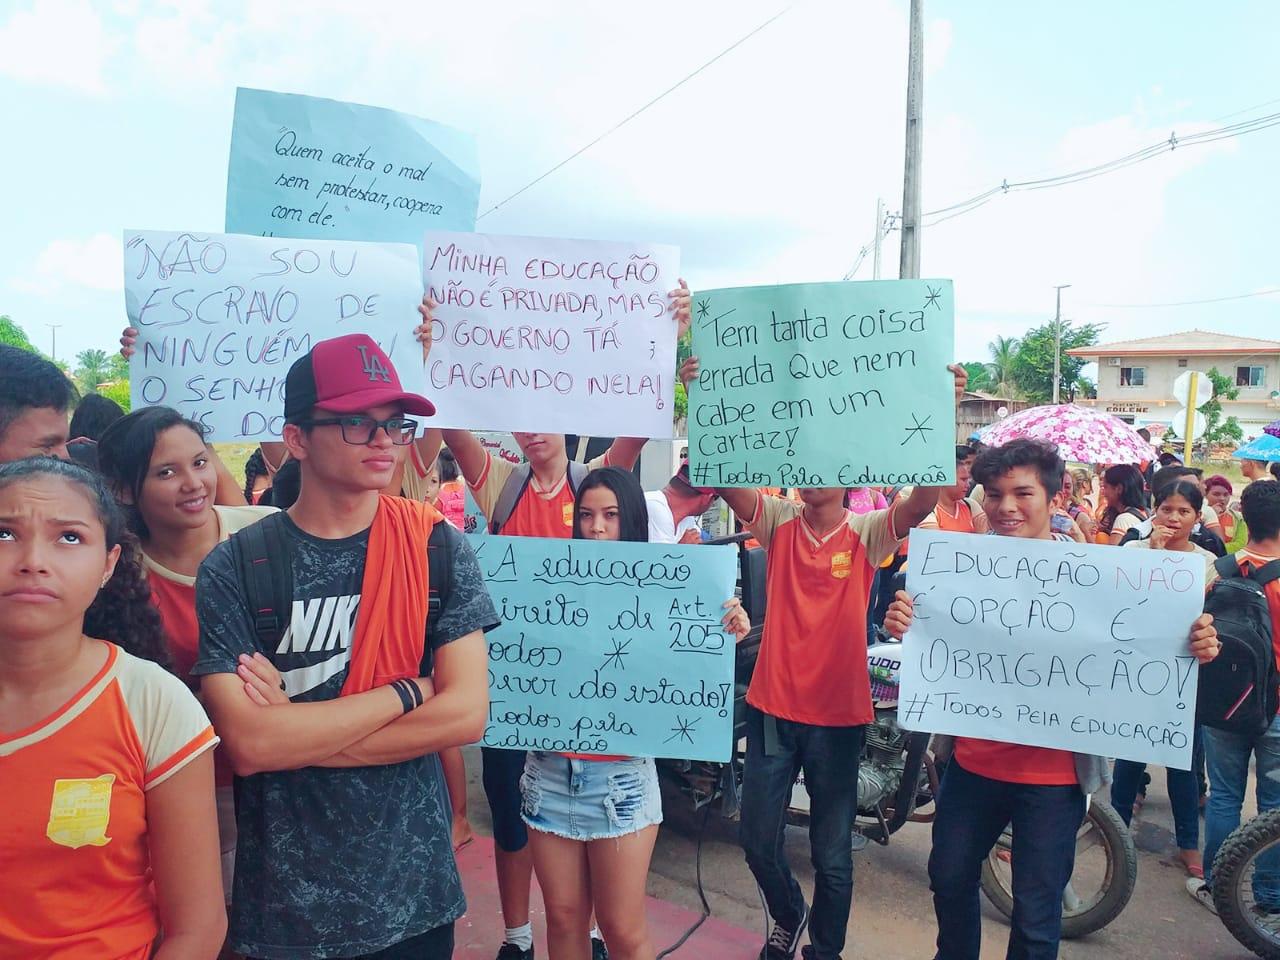 ESTUDANTES DO COLÉGIO NICIAS RIBEIRO PROTESTAM POR MELHORIAS E REFORMA